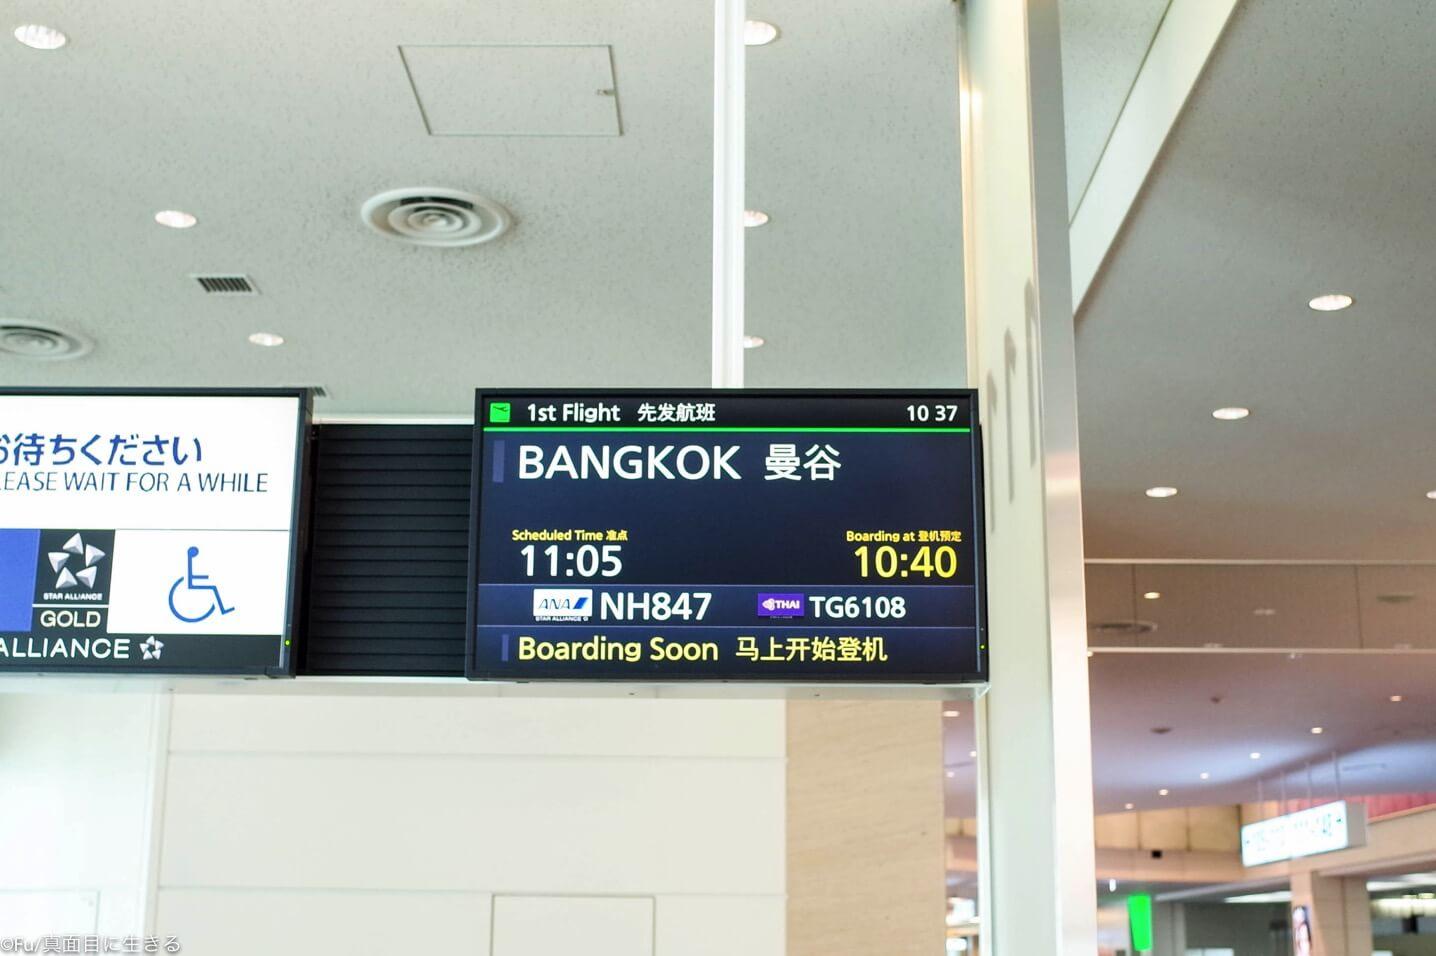 全日空NH847搭乗レポート 羽田〜バンコク エコノミークラスの機材、機内食を紹介